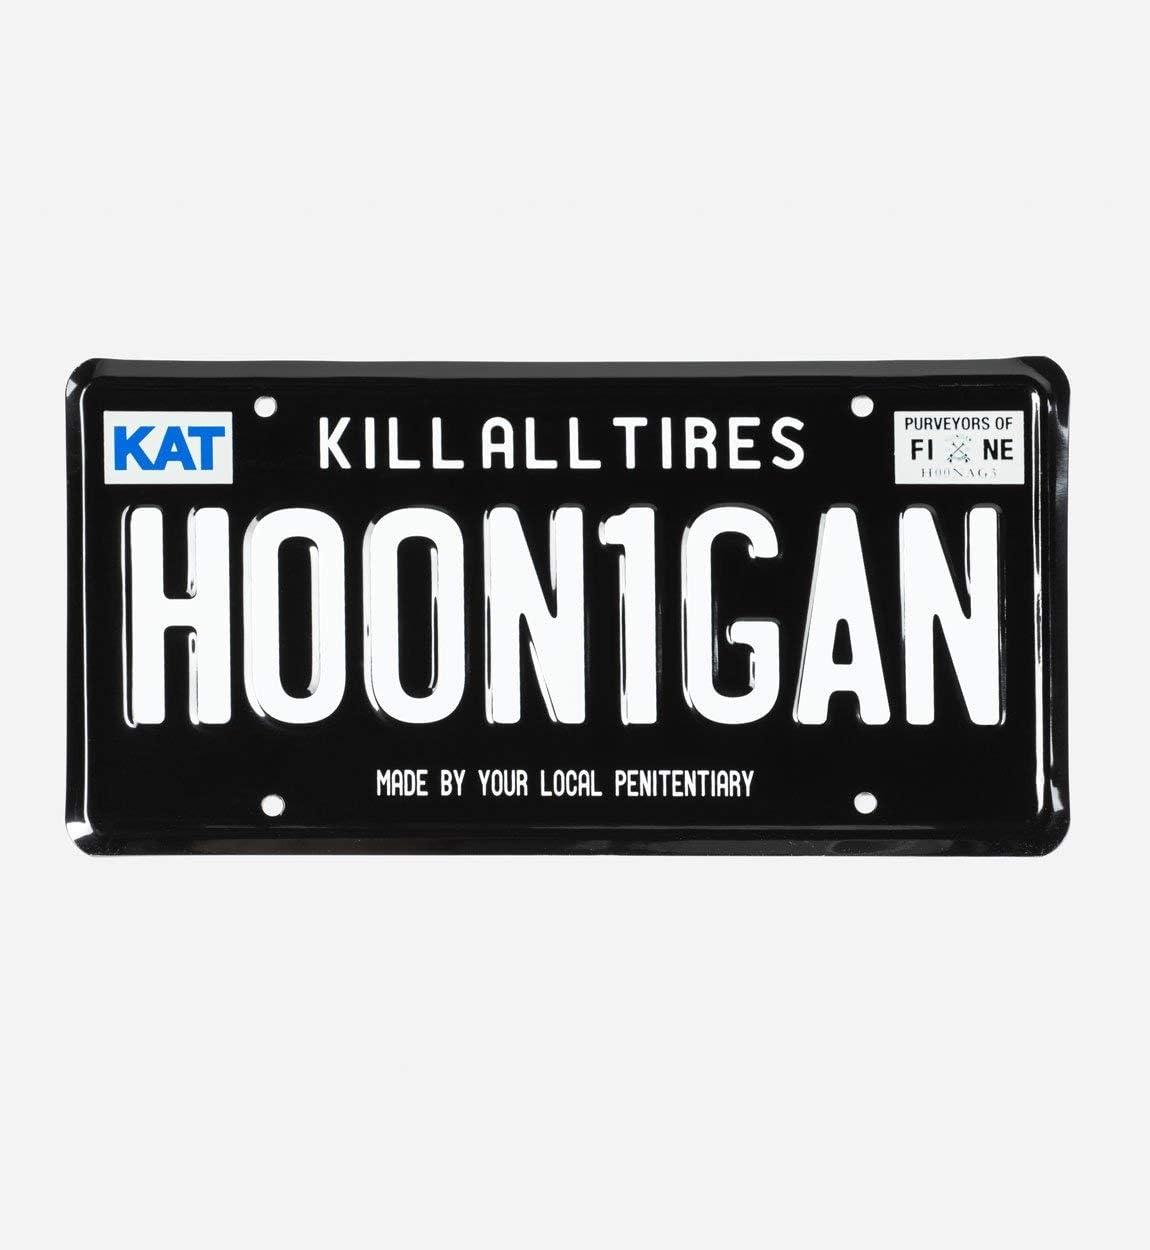 Hoonigan Kennzeichen